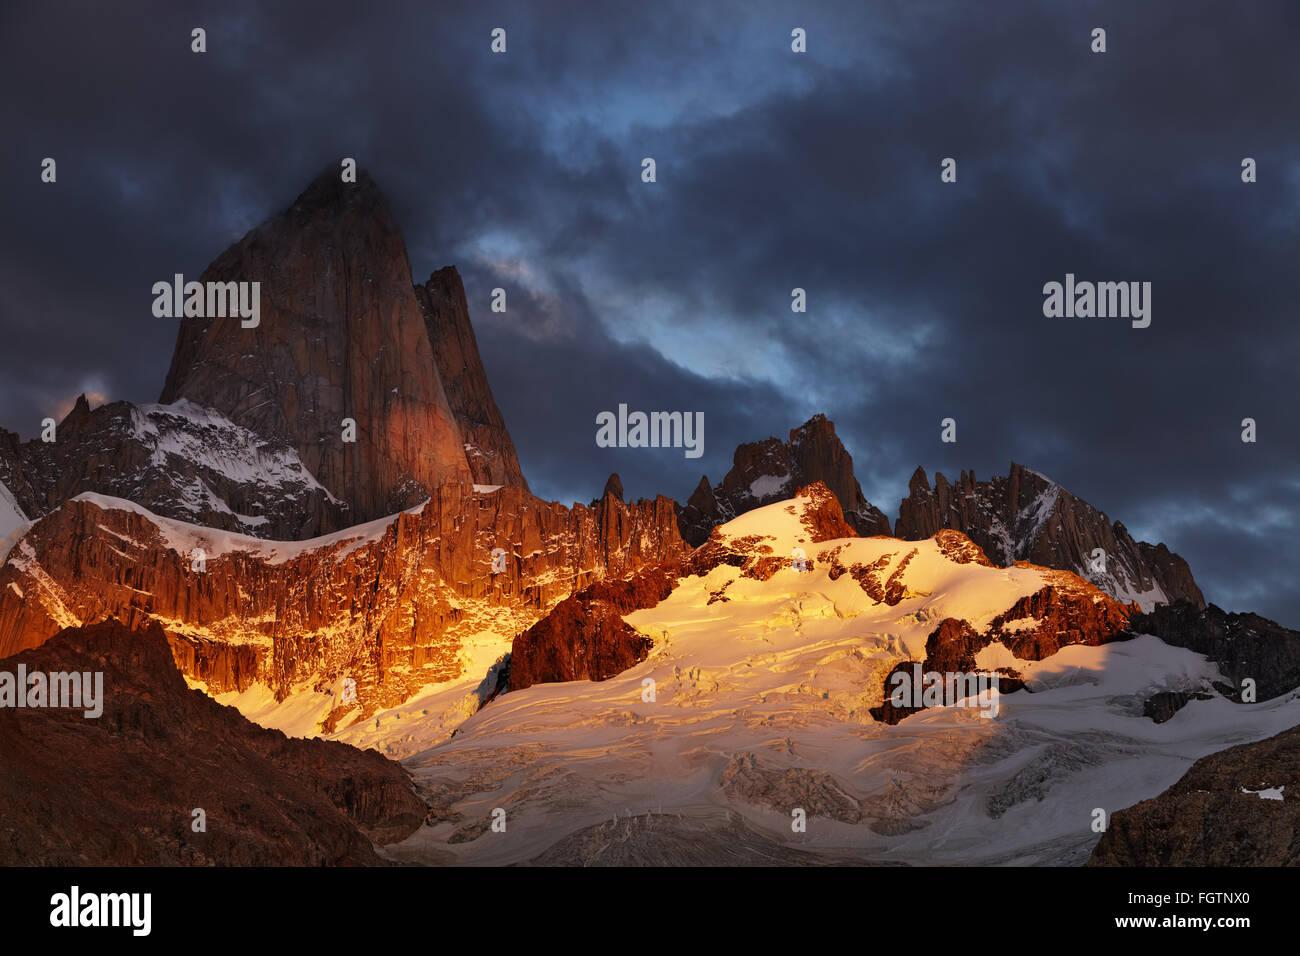 Mount Fitz Roy at sunrise, Patagonia, Argentina - Stock Image